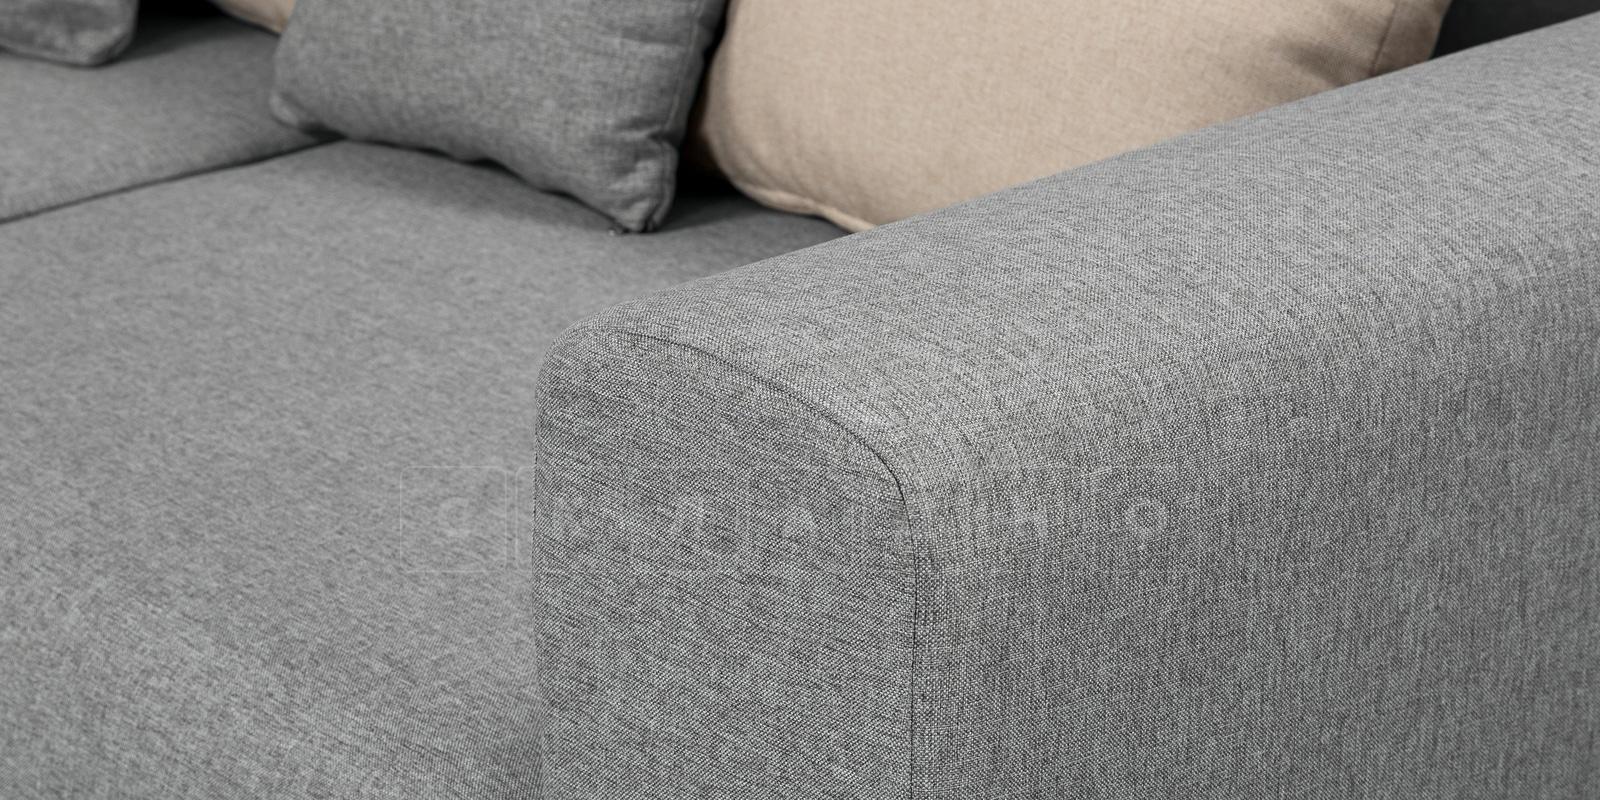 Кресло Медисон 100 см серого цвета фото 7 | интернет-магазин Складно